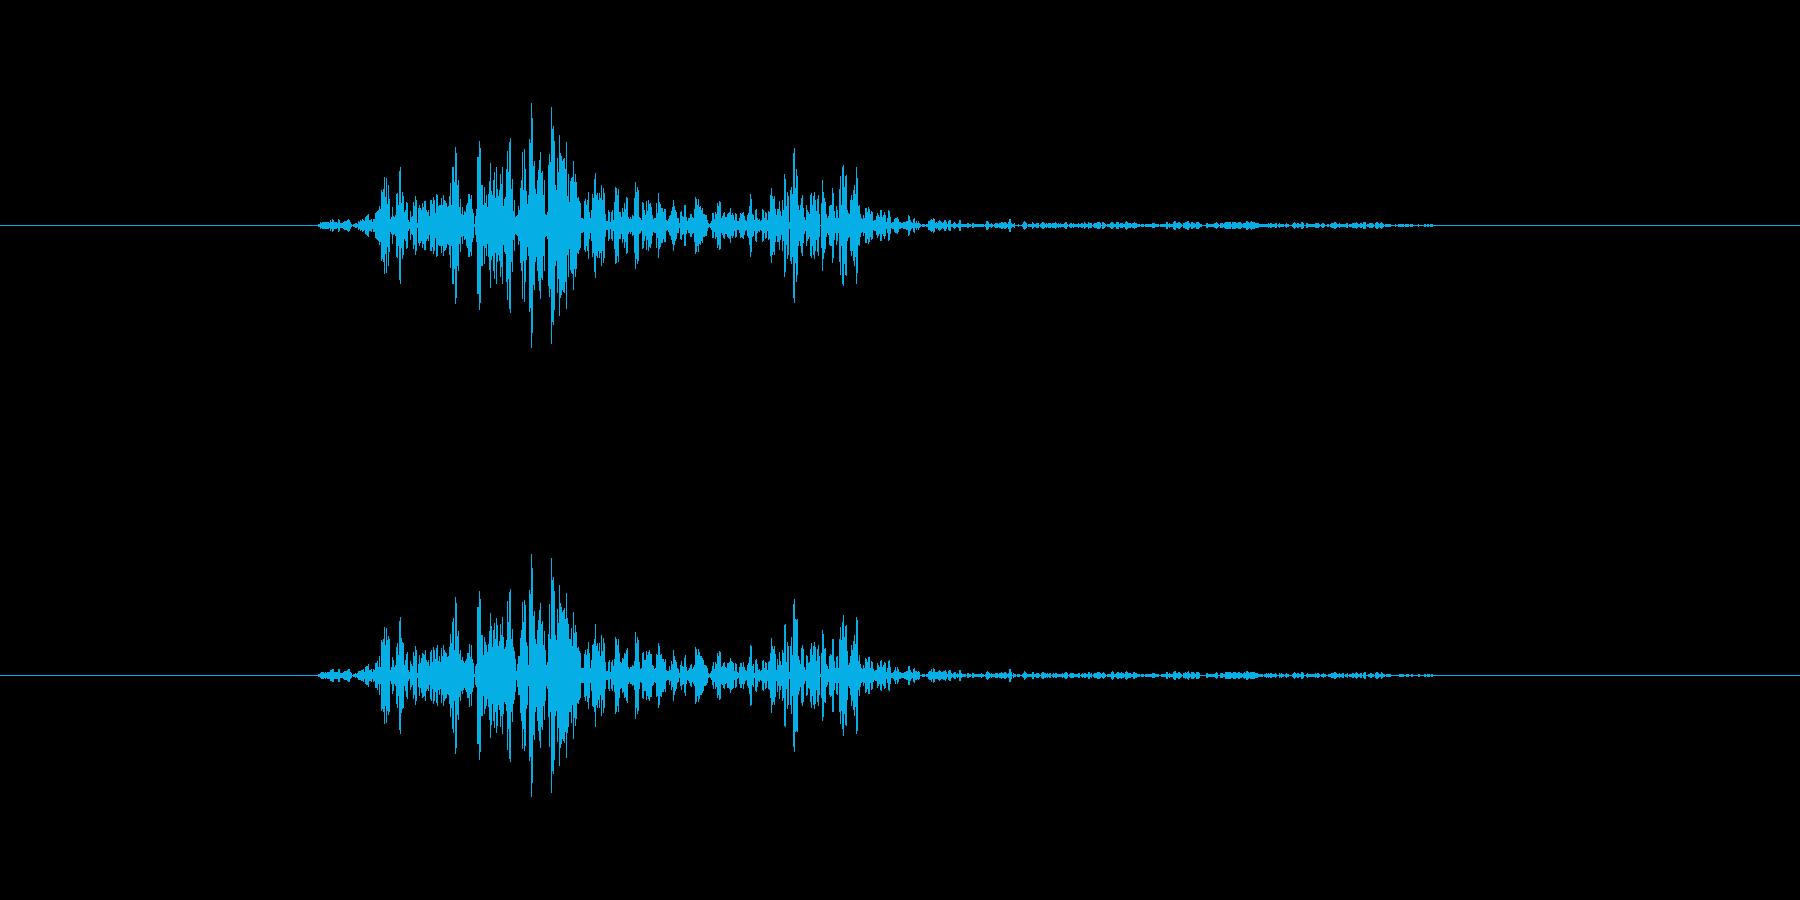 ジャッ【キャンセル音:クールで硬派】の再生済みの波形